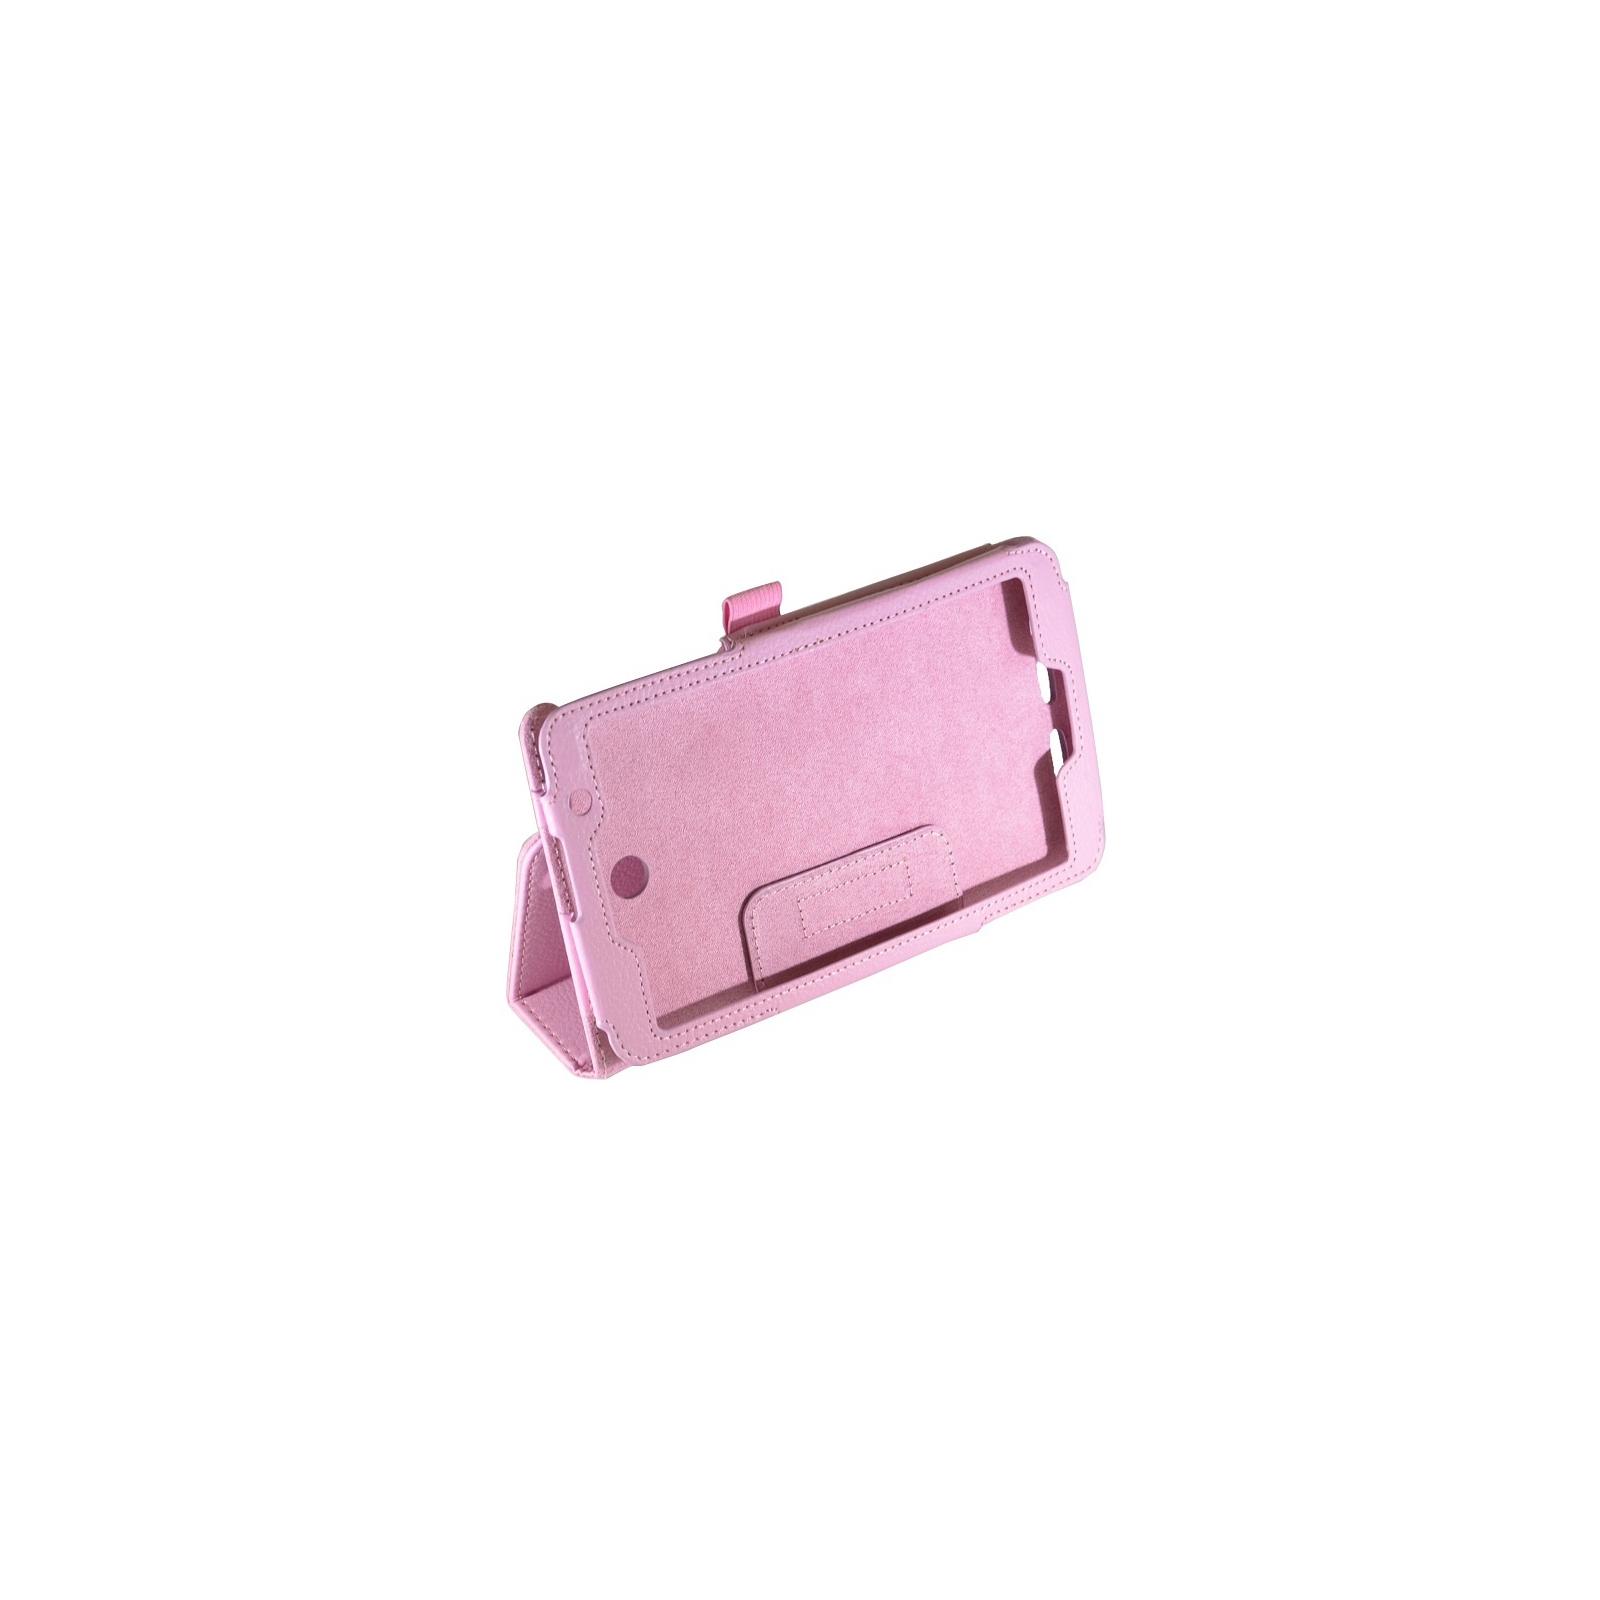 """Чехол для планшета Pro-case 7"""" Asus MeMOPad HD 7 ME176 pink (ME176p) изображение 3"""